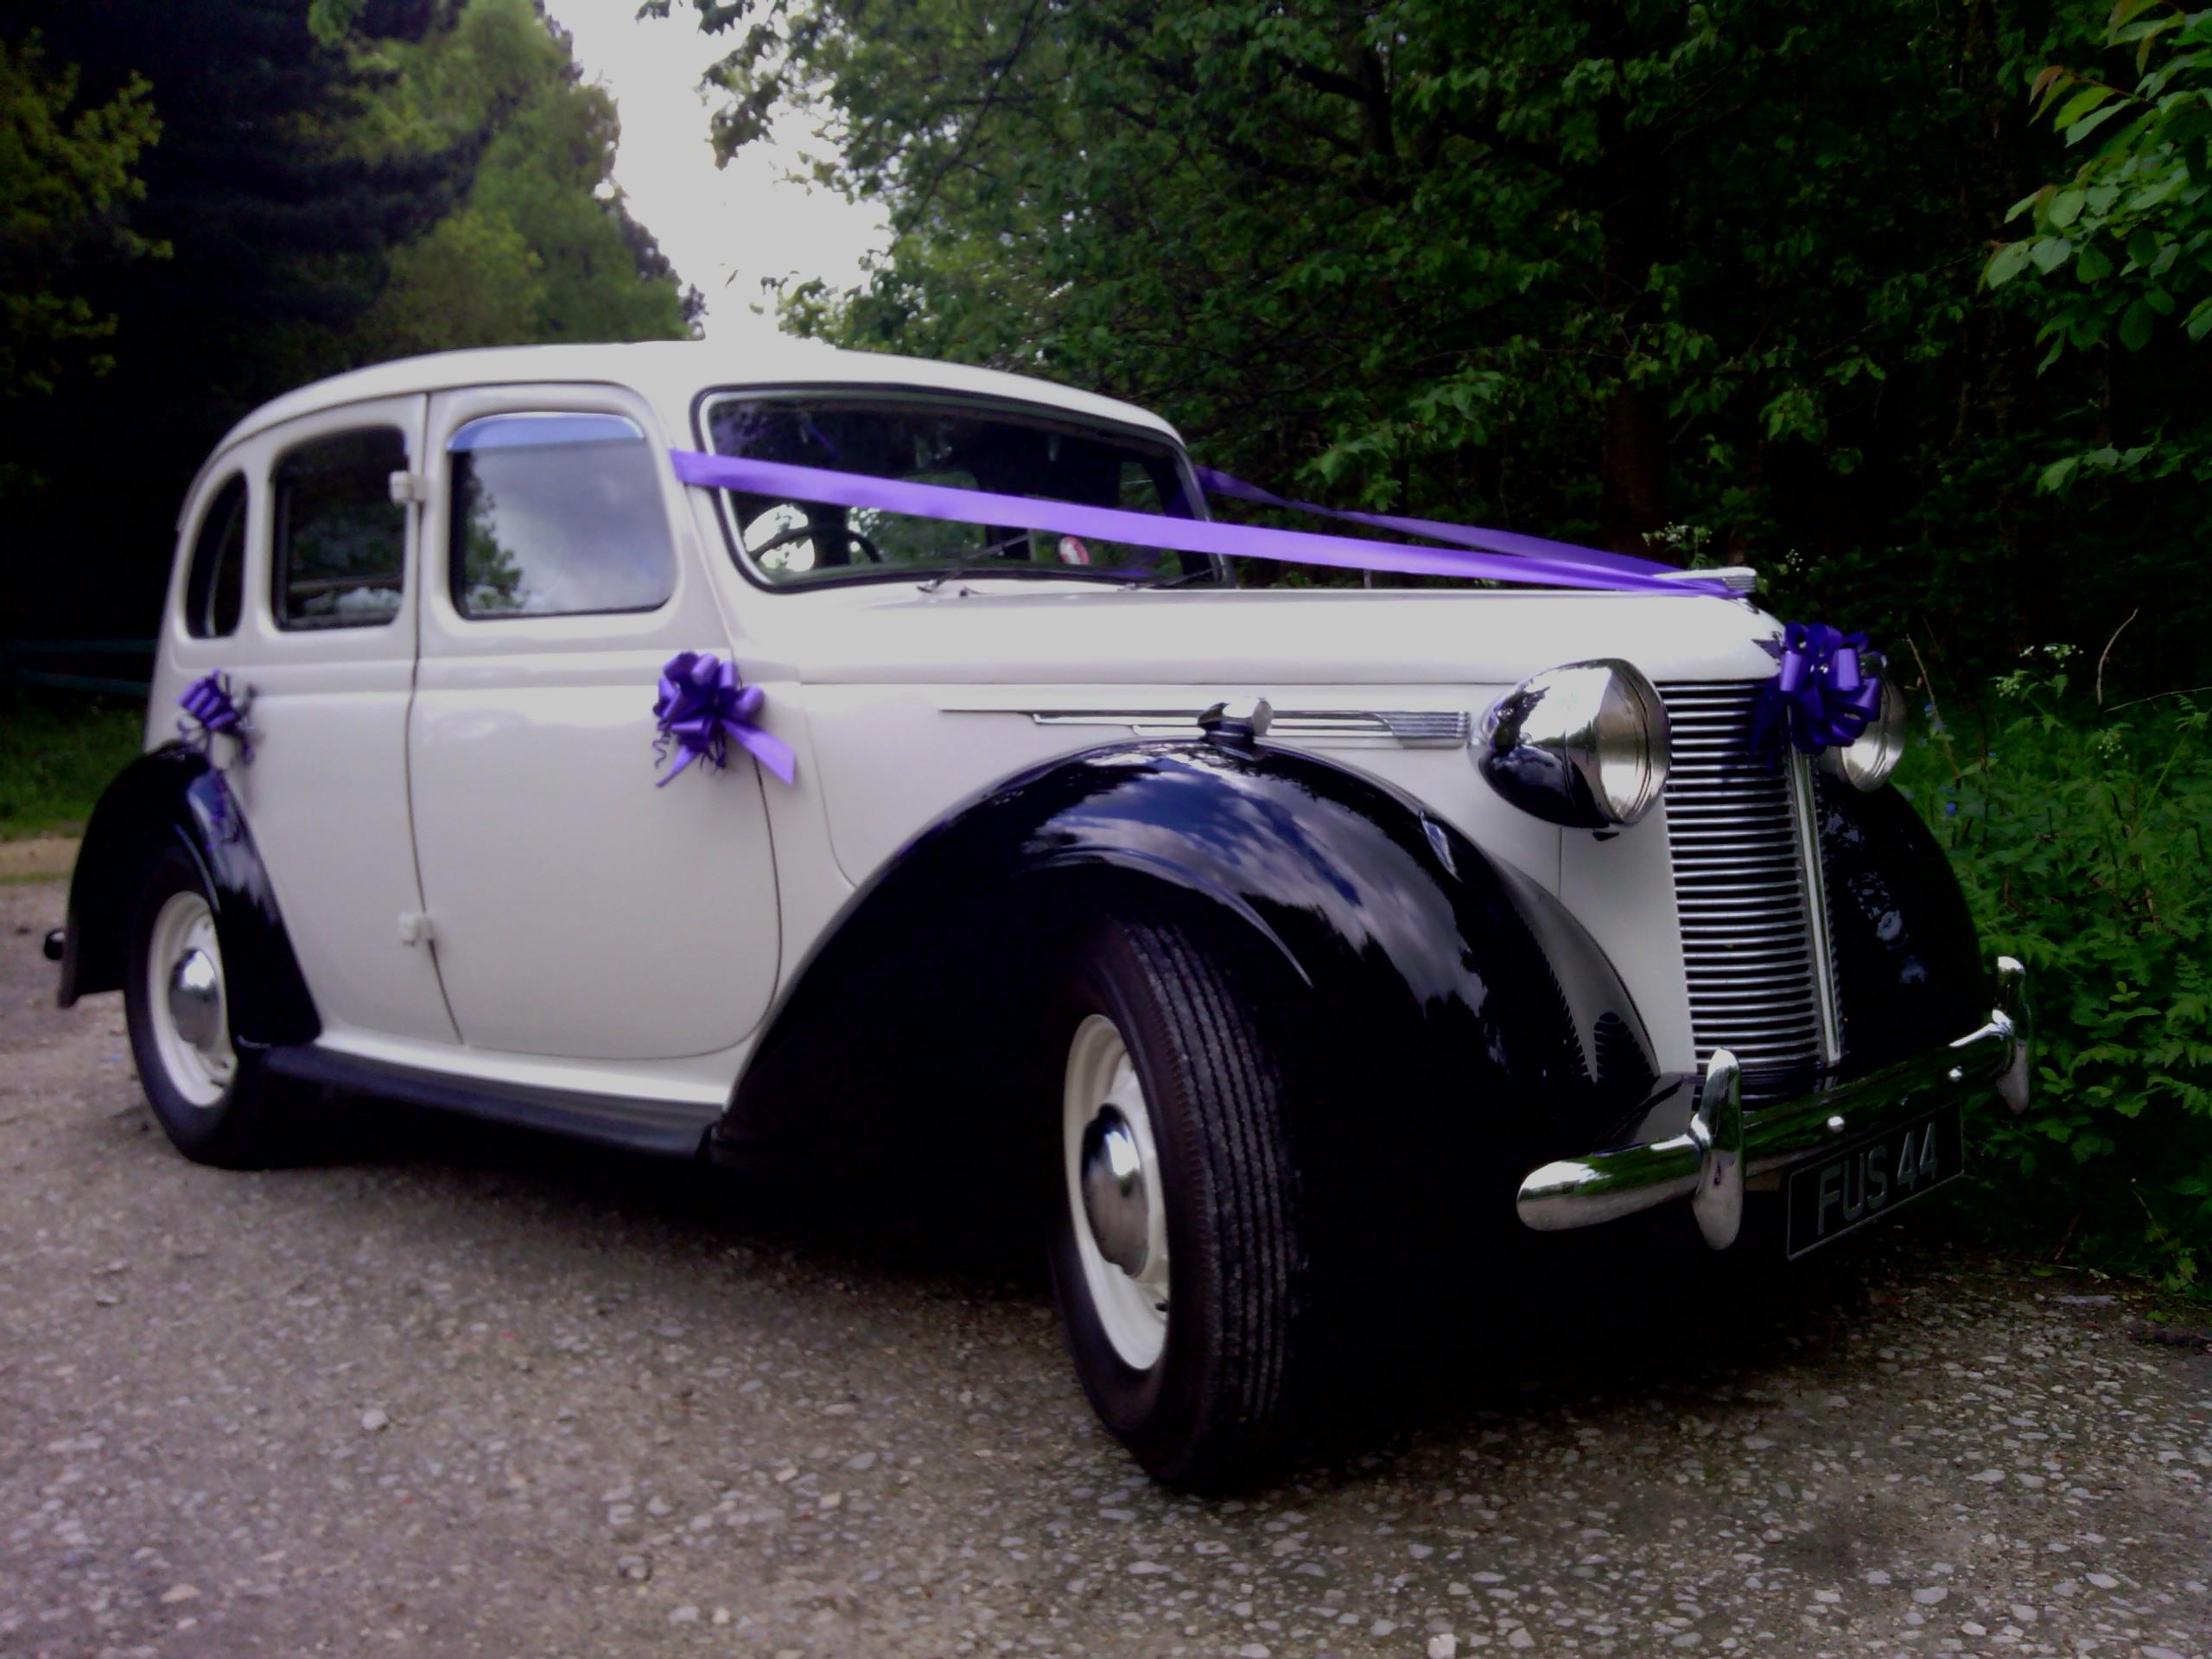 classic austin wedding car wedding car hire in nottingham